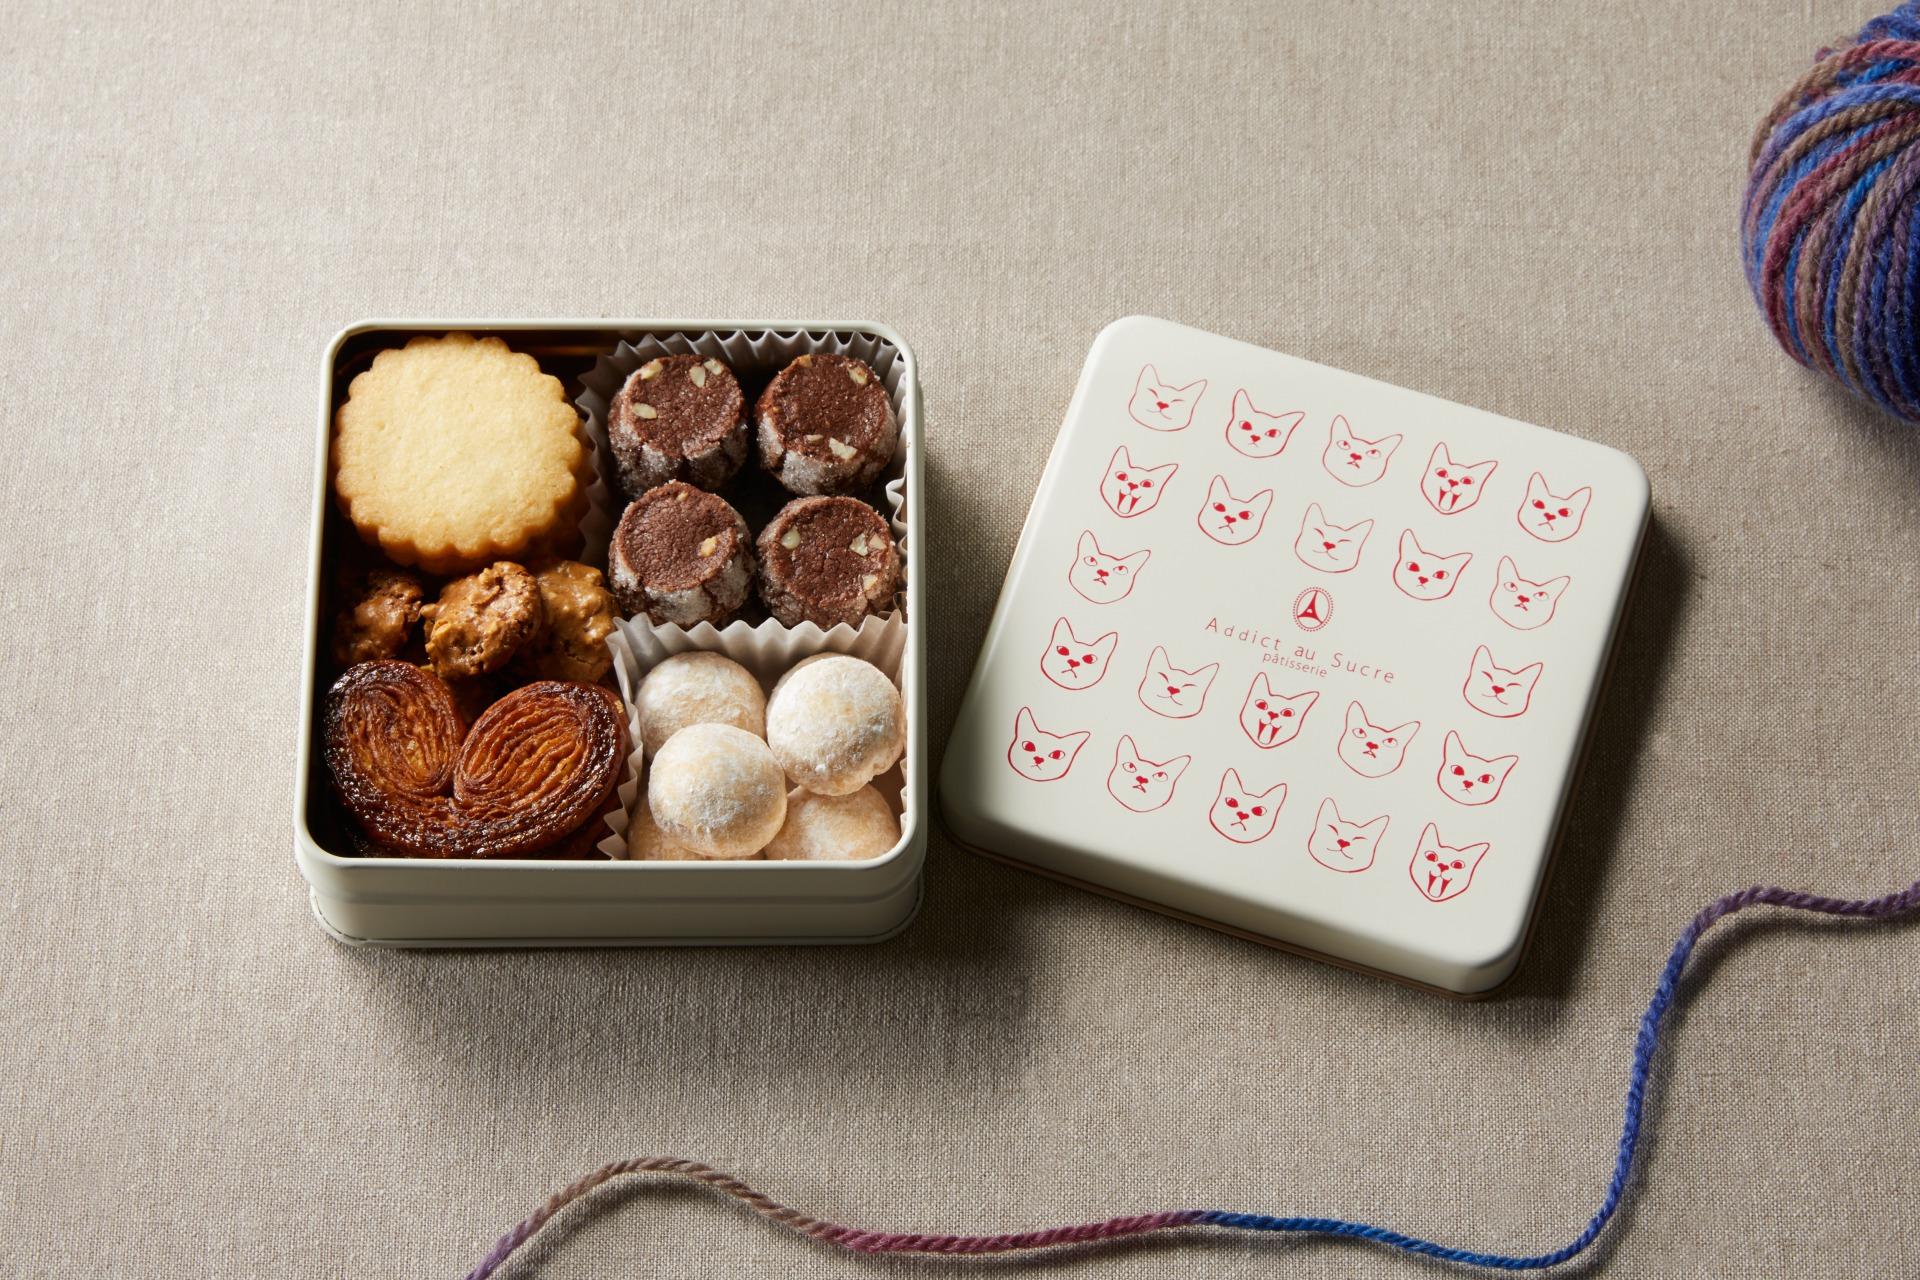 Addict au Sucre「ボワット レ シャ 猫デザインのクッキー缶 5種焼き菓子セット(店頭受取専用)」1,890円  【問い合わせ先】 Addict au Sucre TEL:03-6421-1049 公式サイト:https://addictausucre.com/